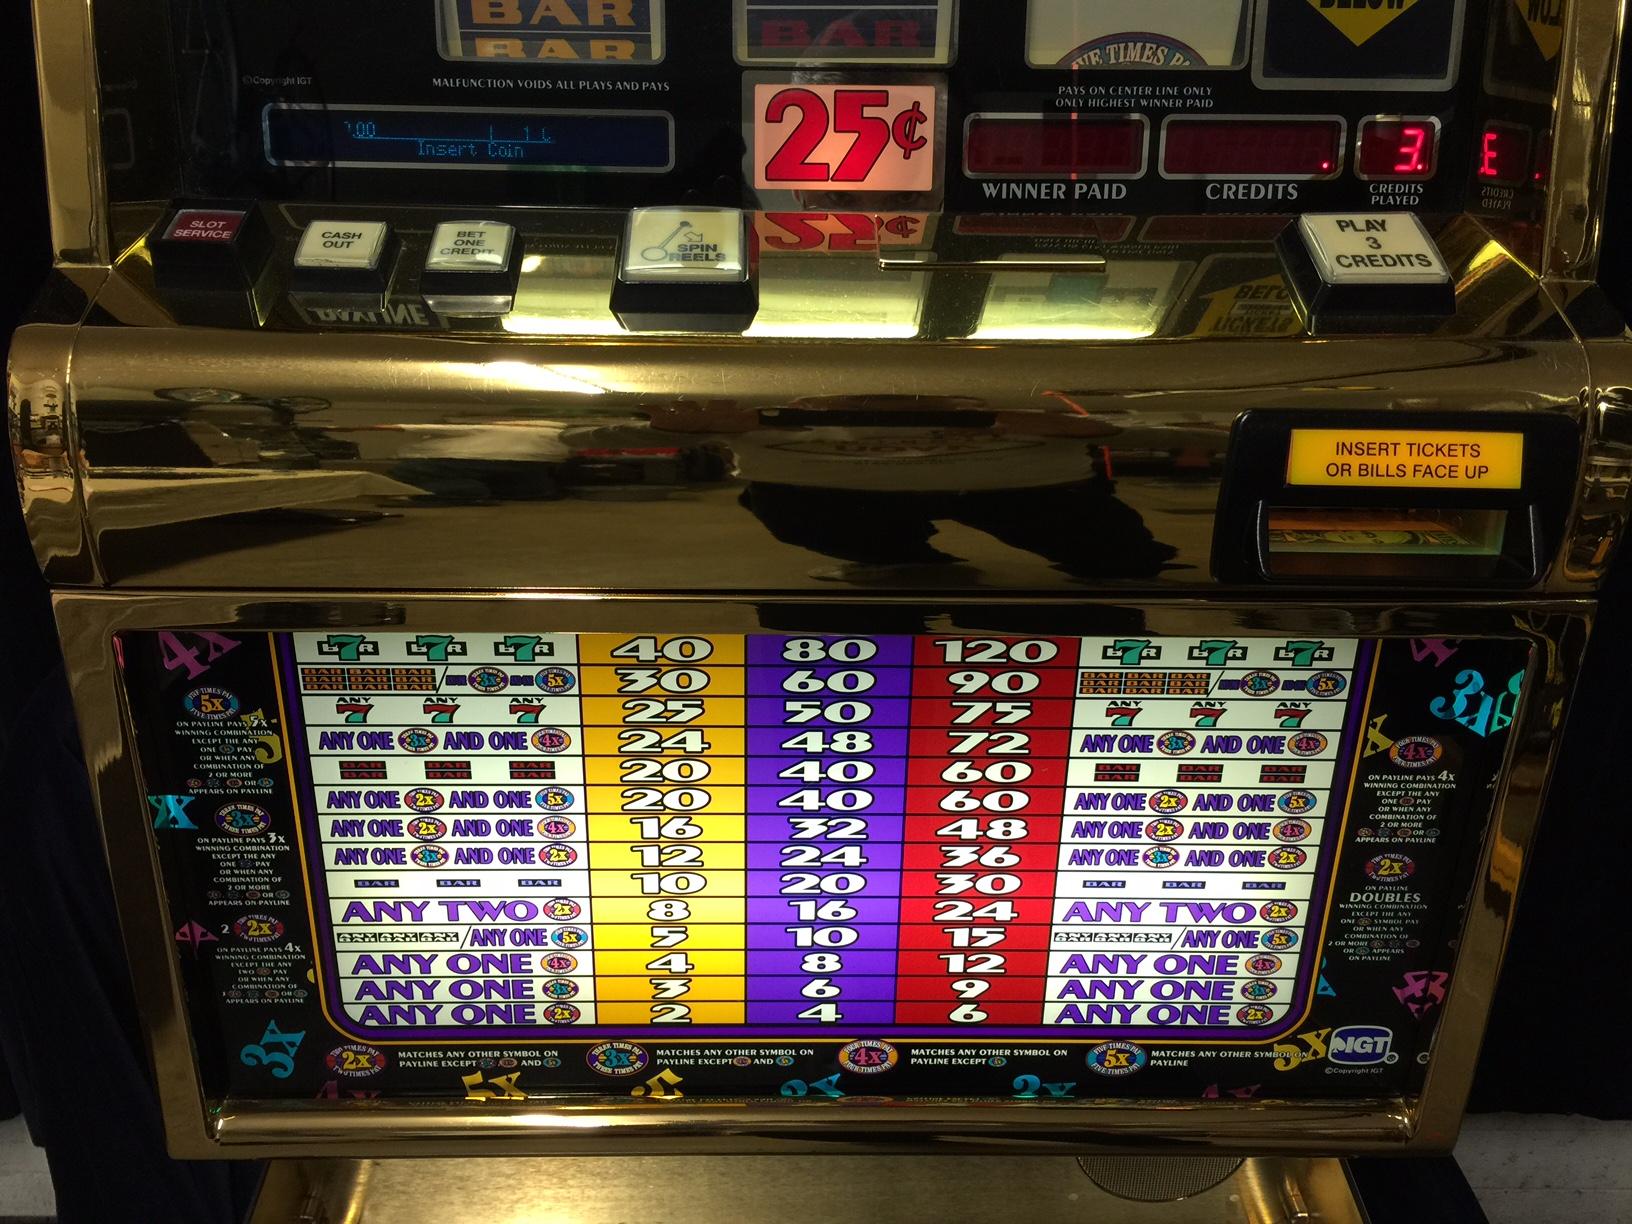 Munster slot machine online poker chip weights